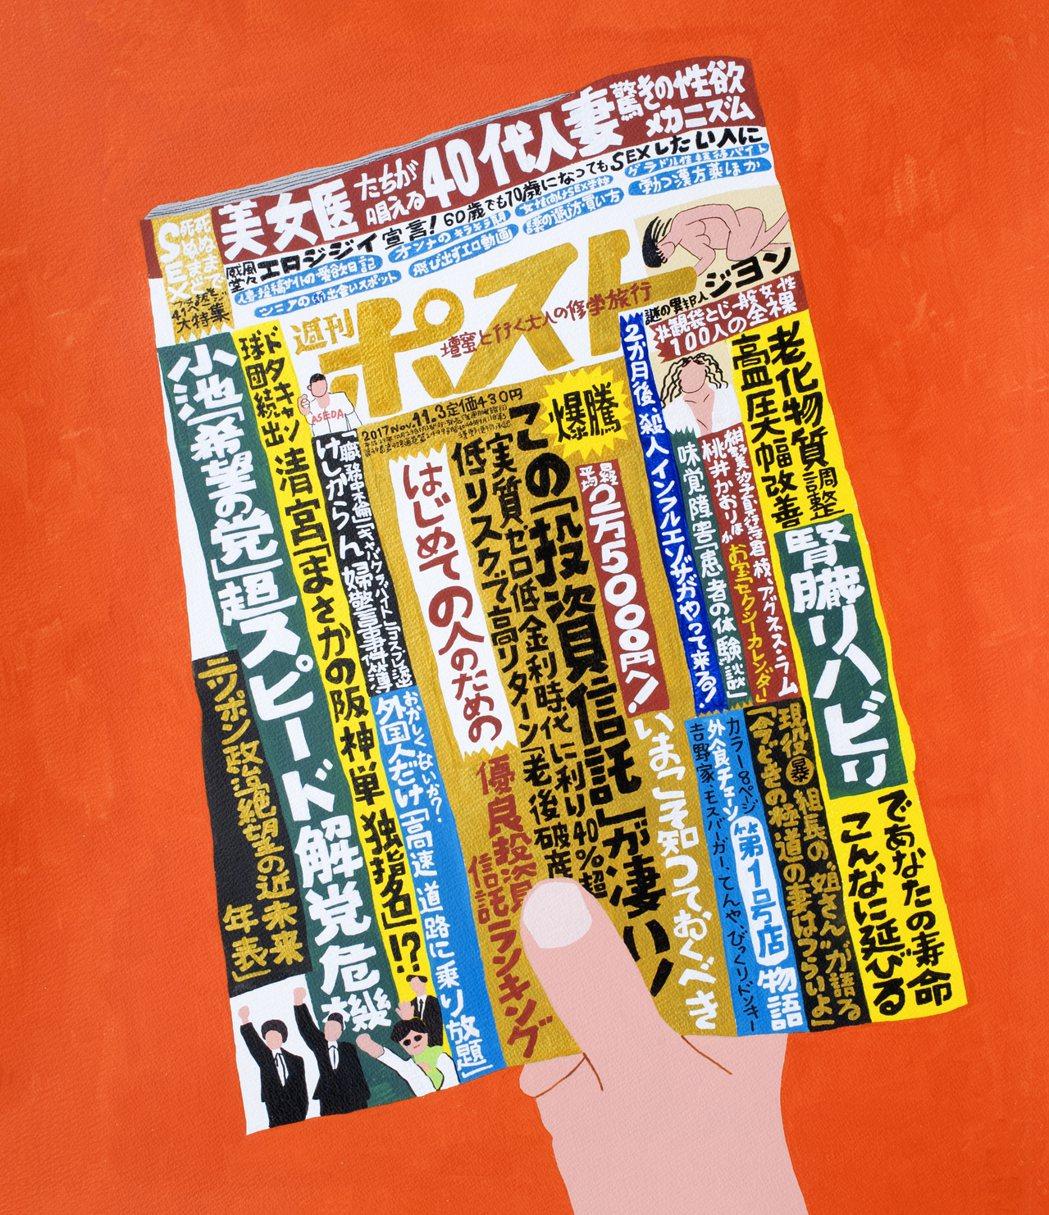 日本的八卦雜誌2017,53x60.5公分。圖/朋丁提供